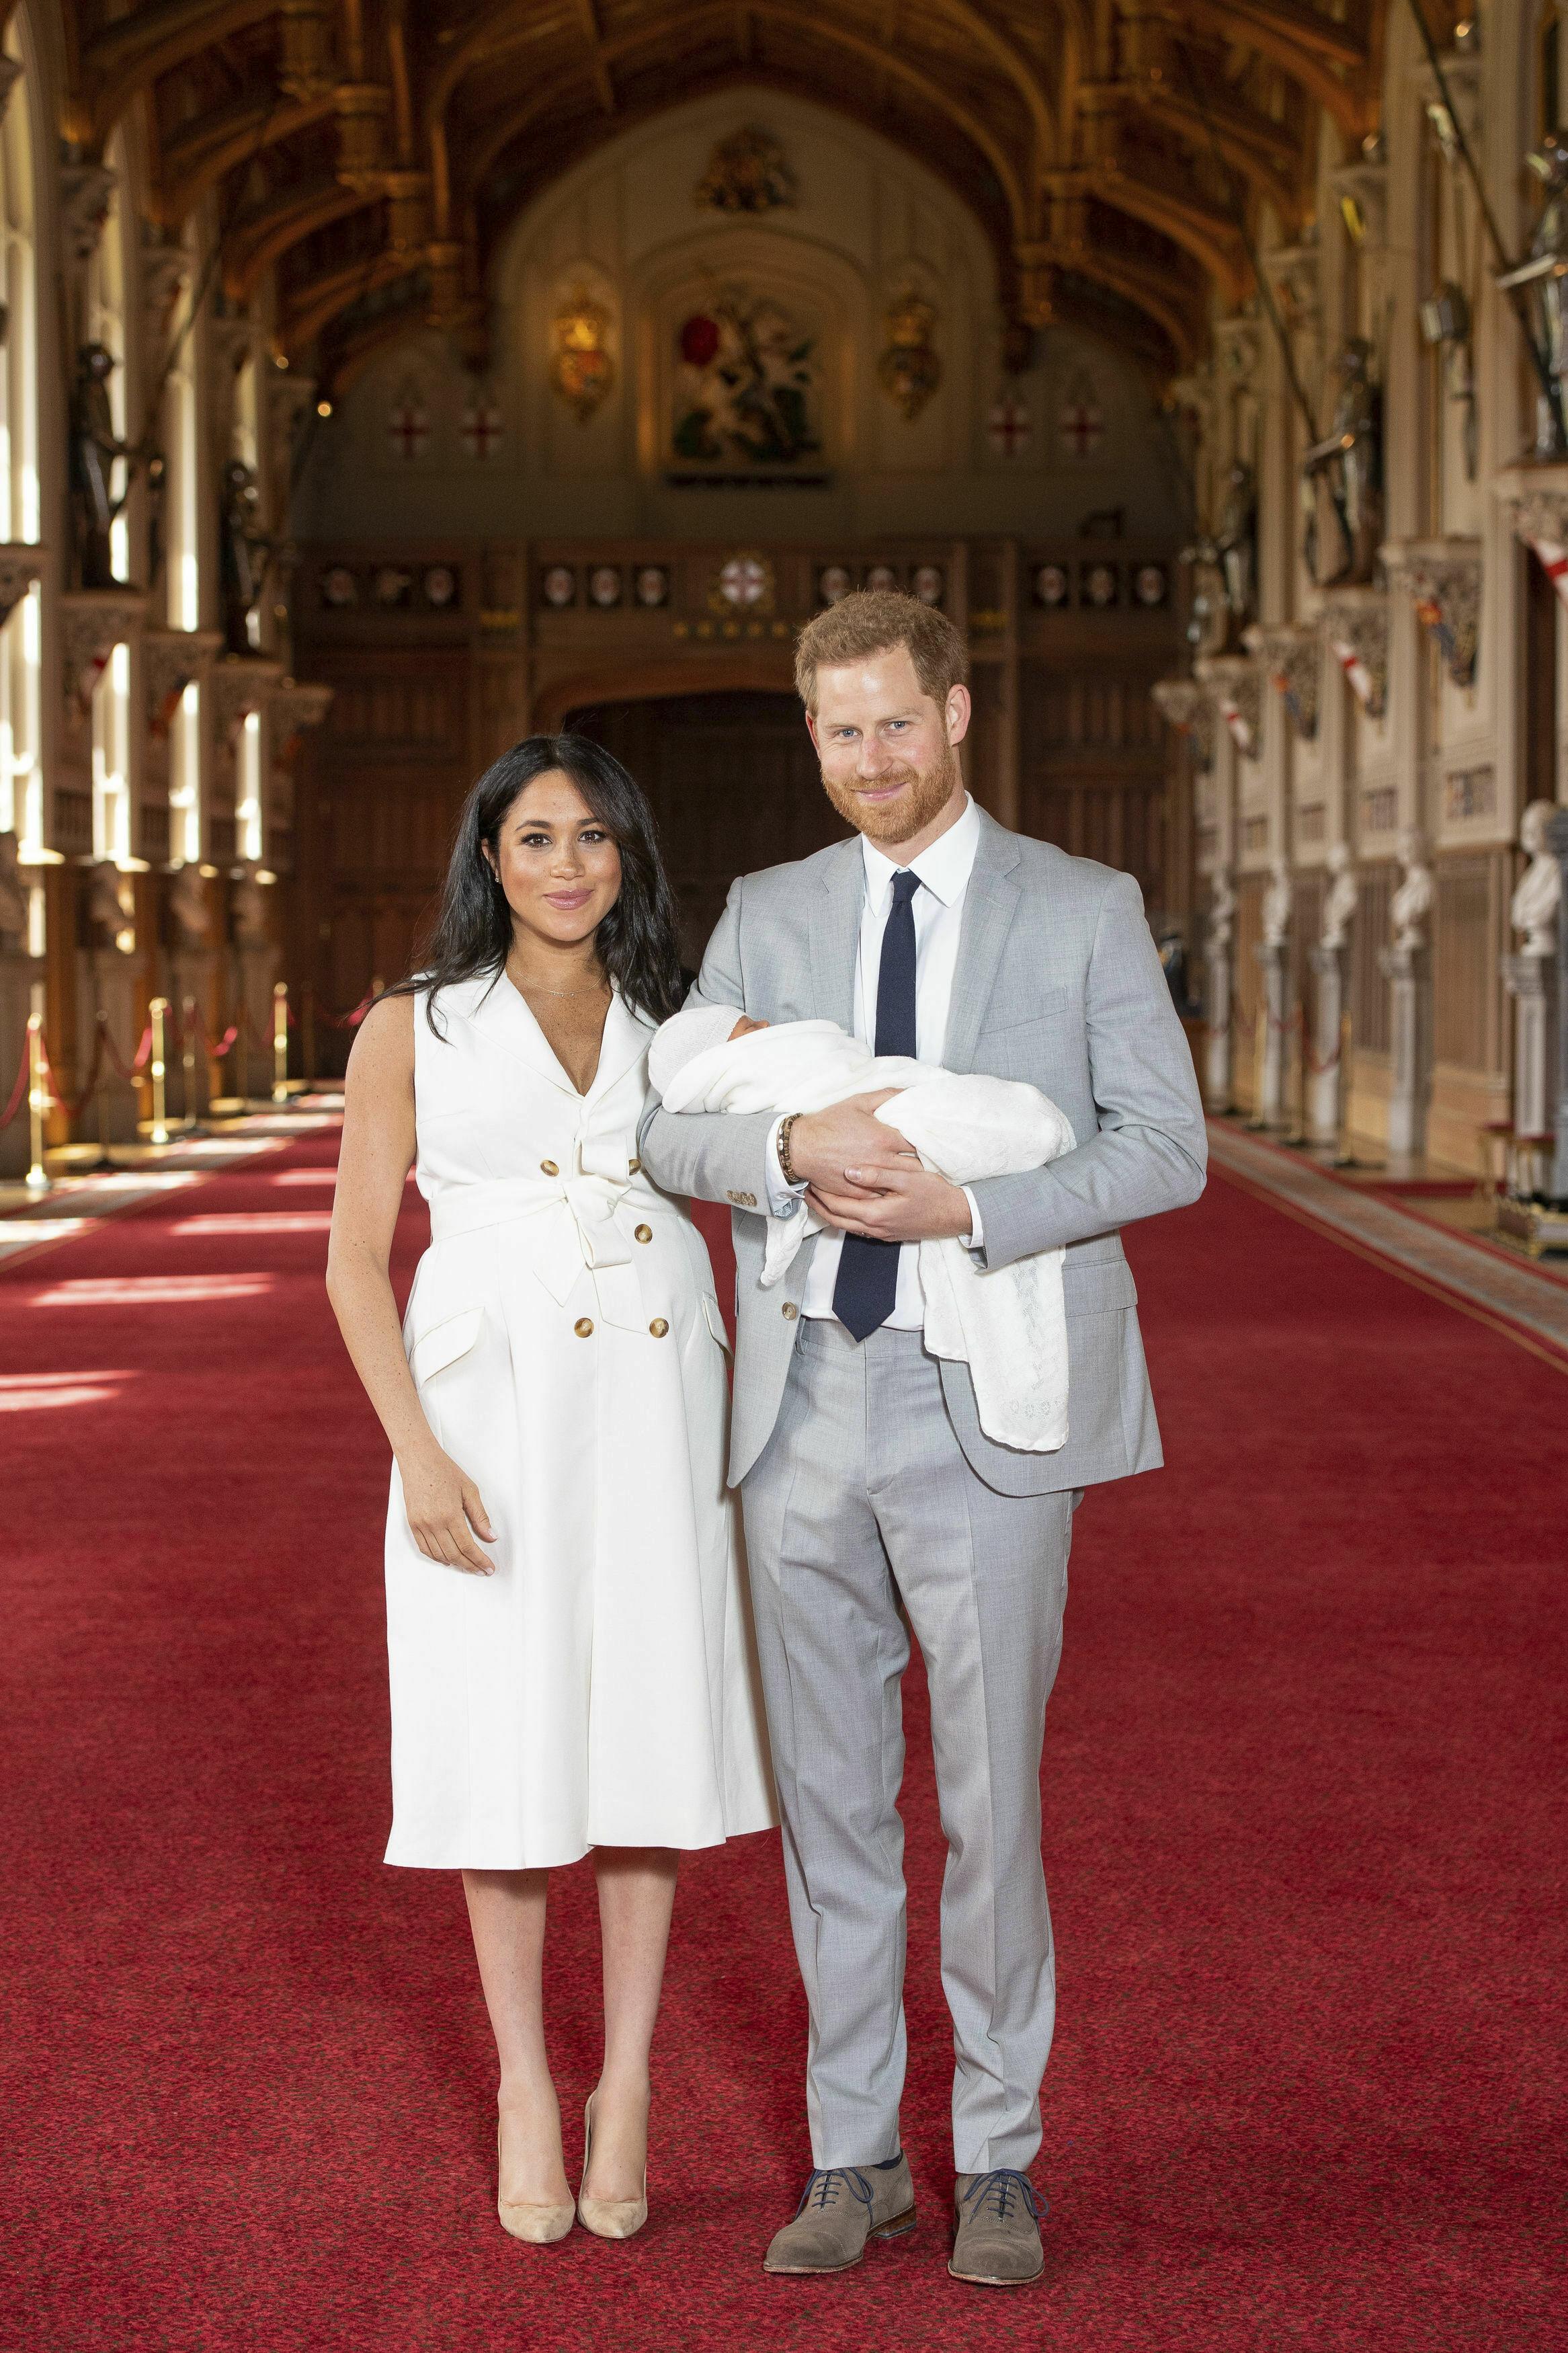 Los últimos meses de su embarazo apenas se dejó ver en público y no fue hasta el 8 de mayo, dos días después del nacimiento de su primogénito, Archie, que apareció luciendo un vestido sin mangas crema con botones en la parte frontal. (Archivo)